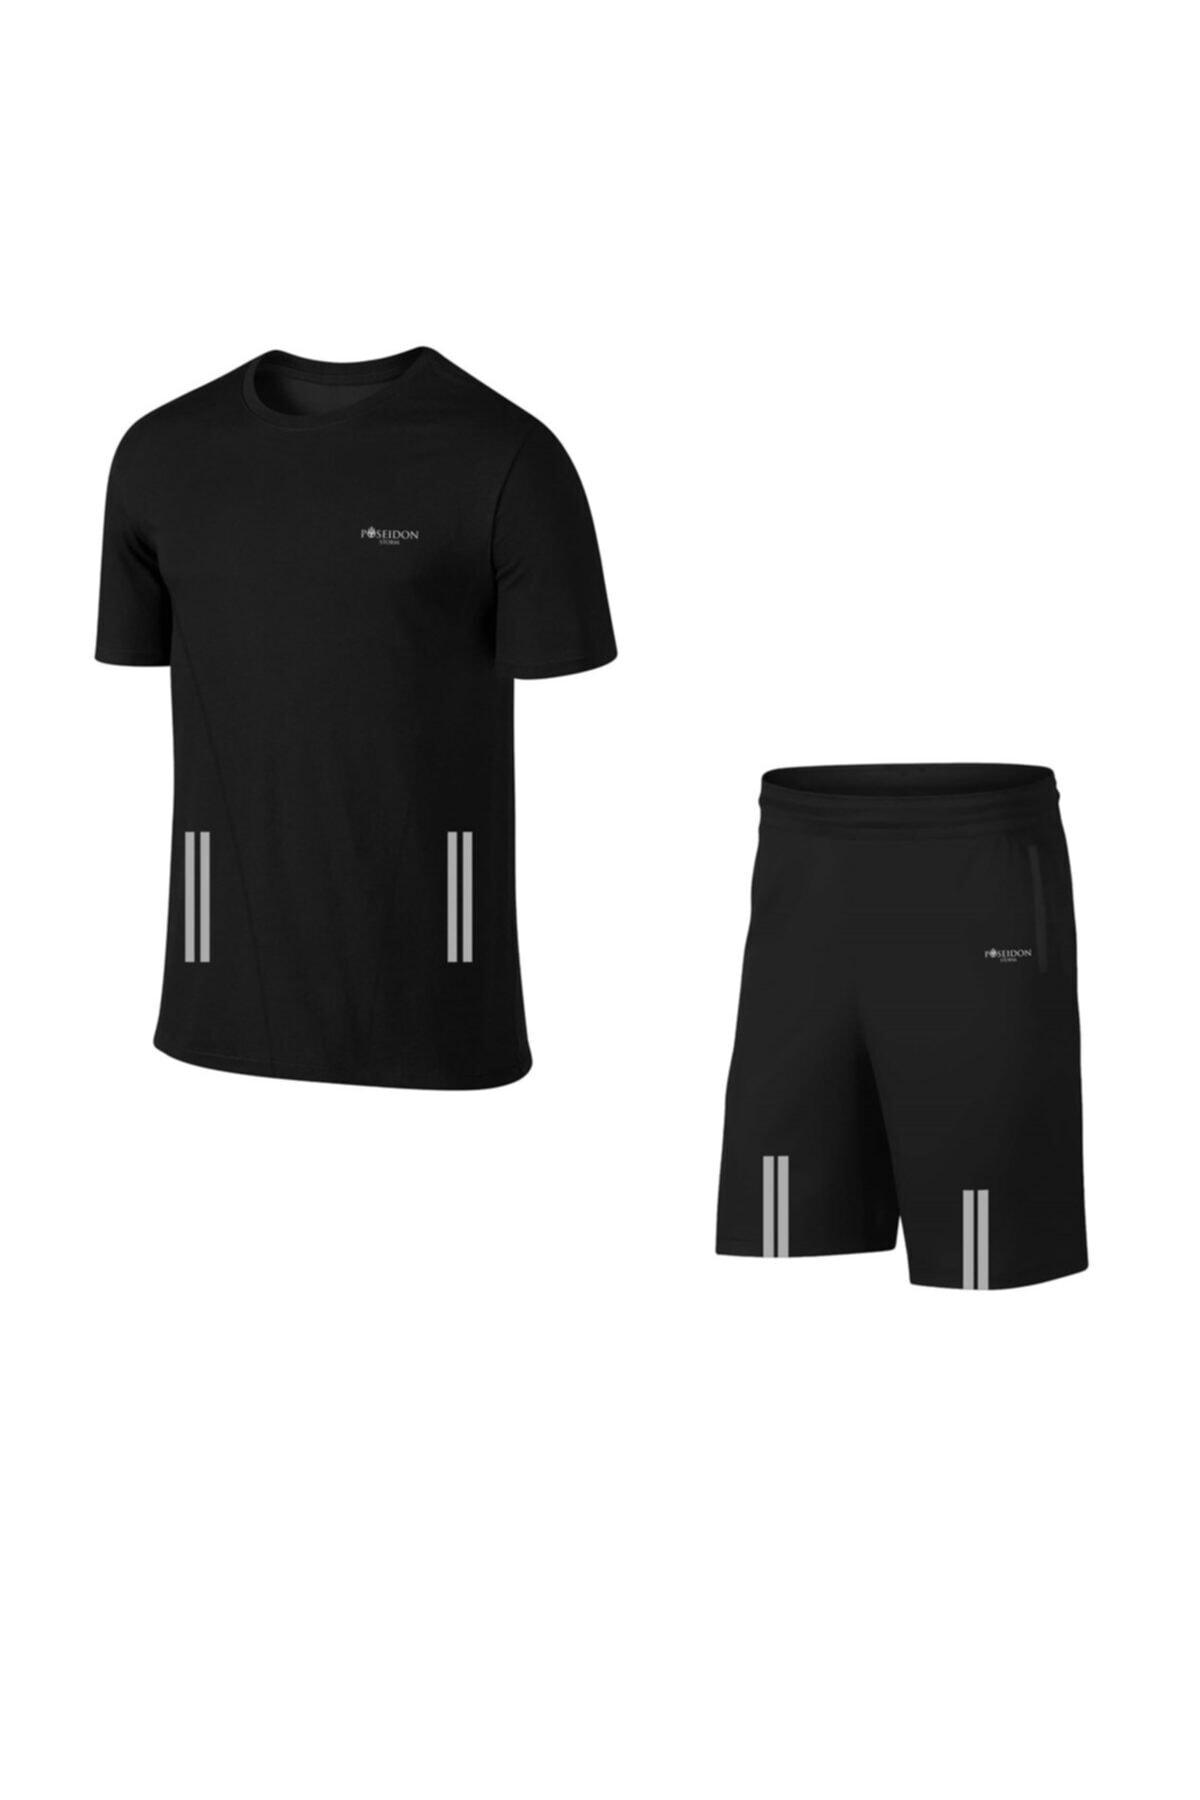 Erkek Siyah Günlük Sporcu Tişört Ve Şort Takımı S-3xl - Flexo Çift Şerit - Md7